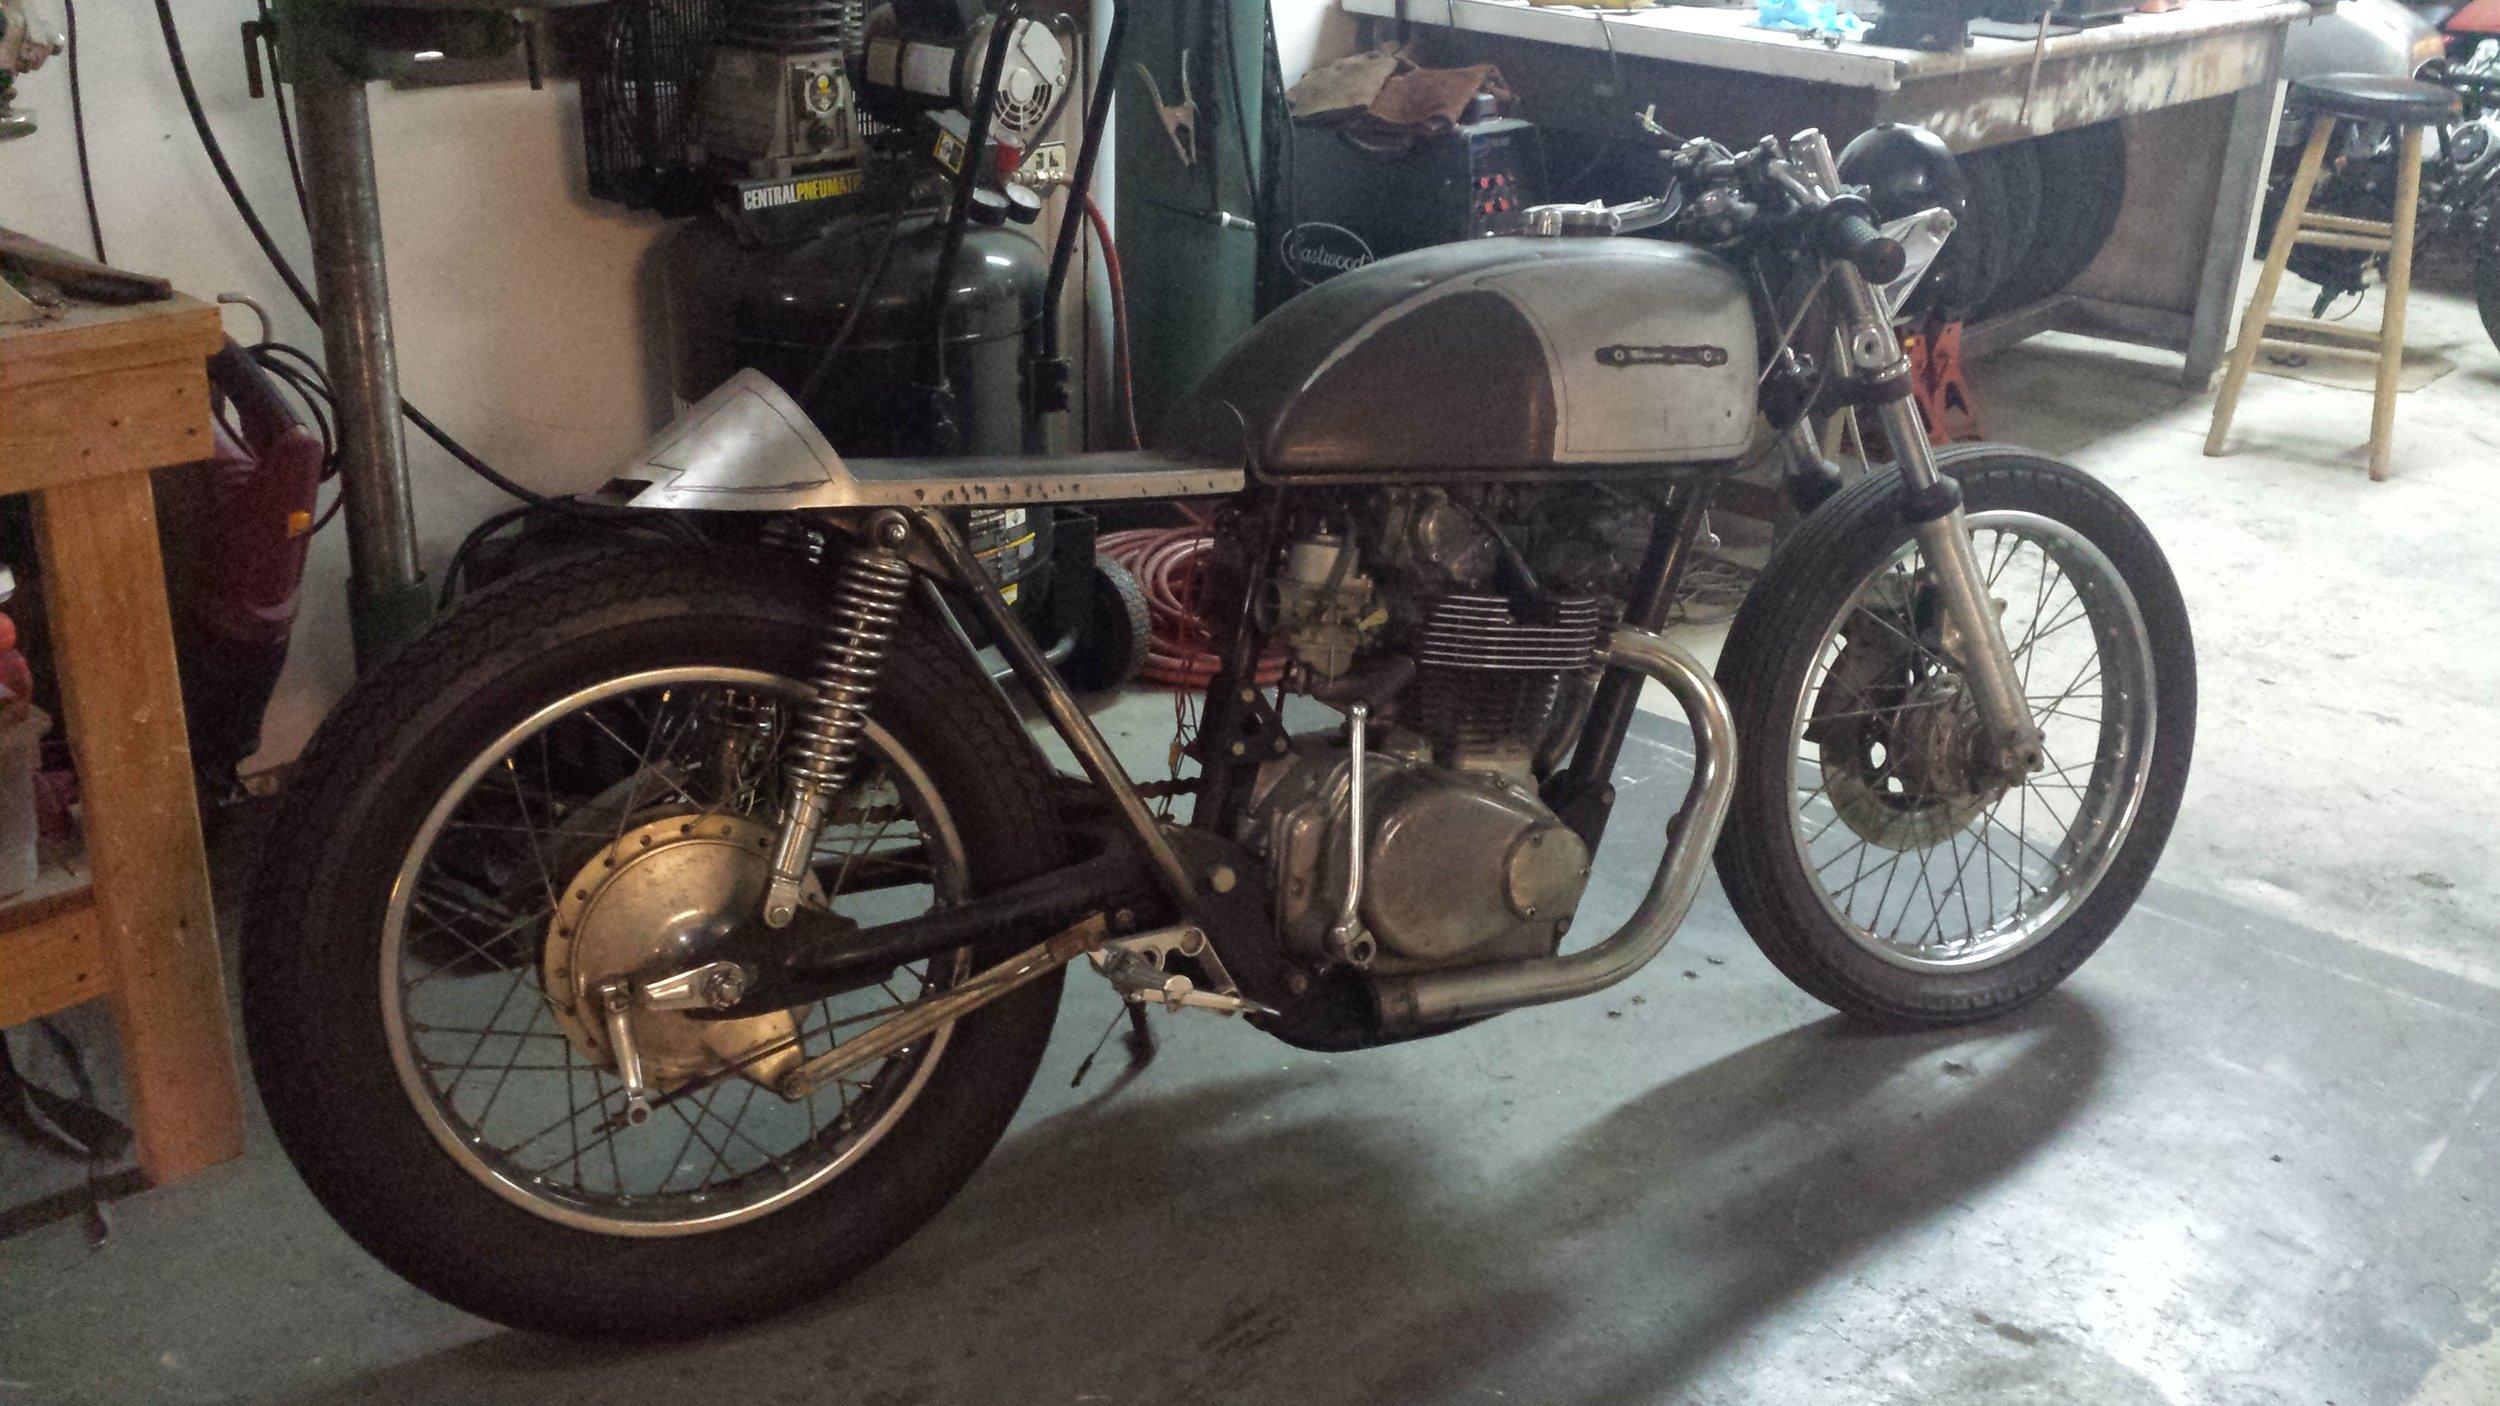 1975 Honda CB500T - Before